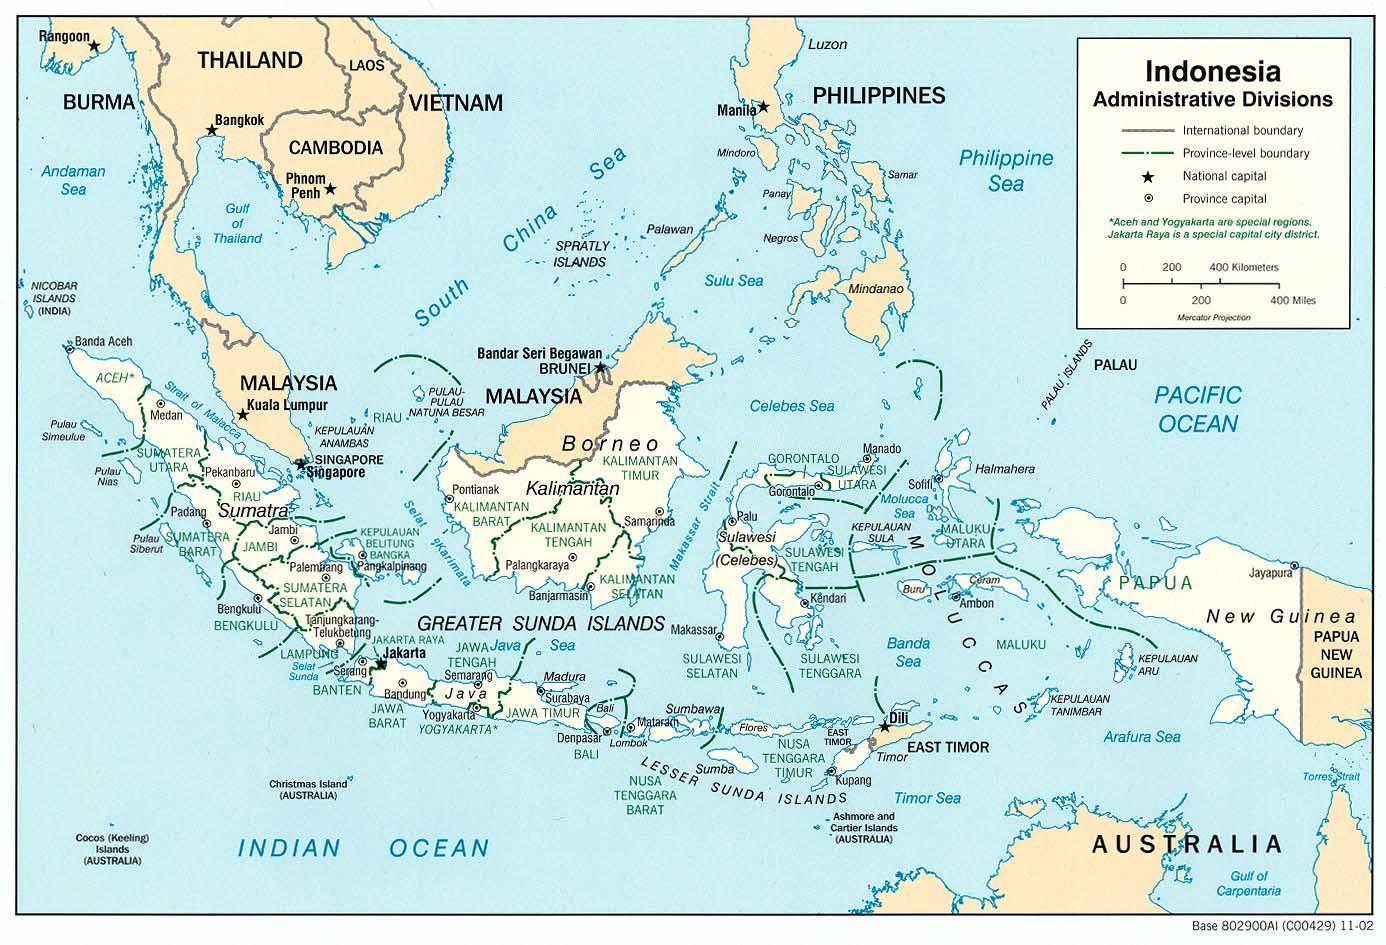 Mapa de las Divisiones Administrativas de Indonesia